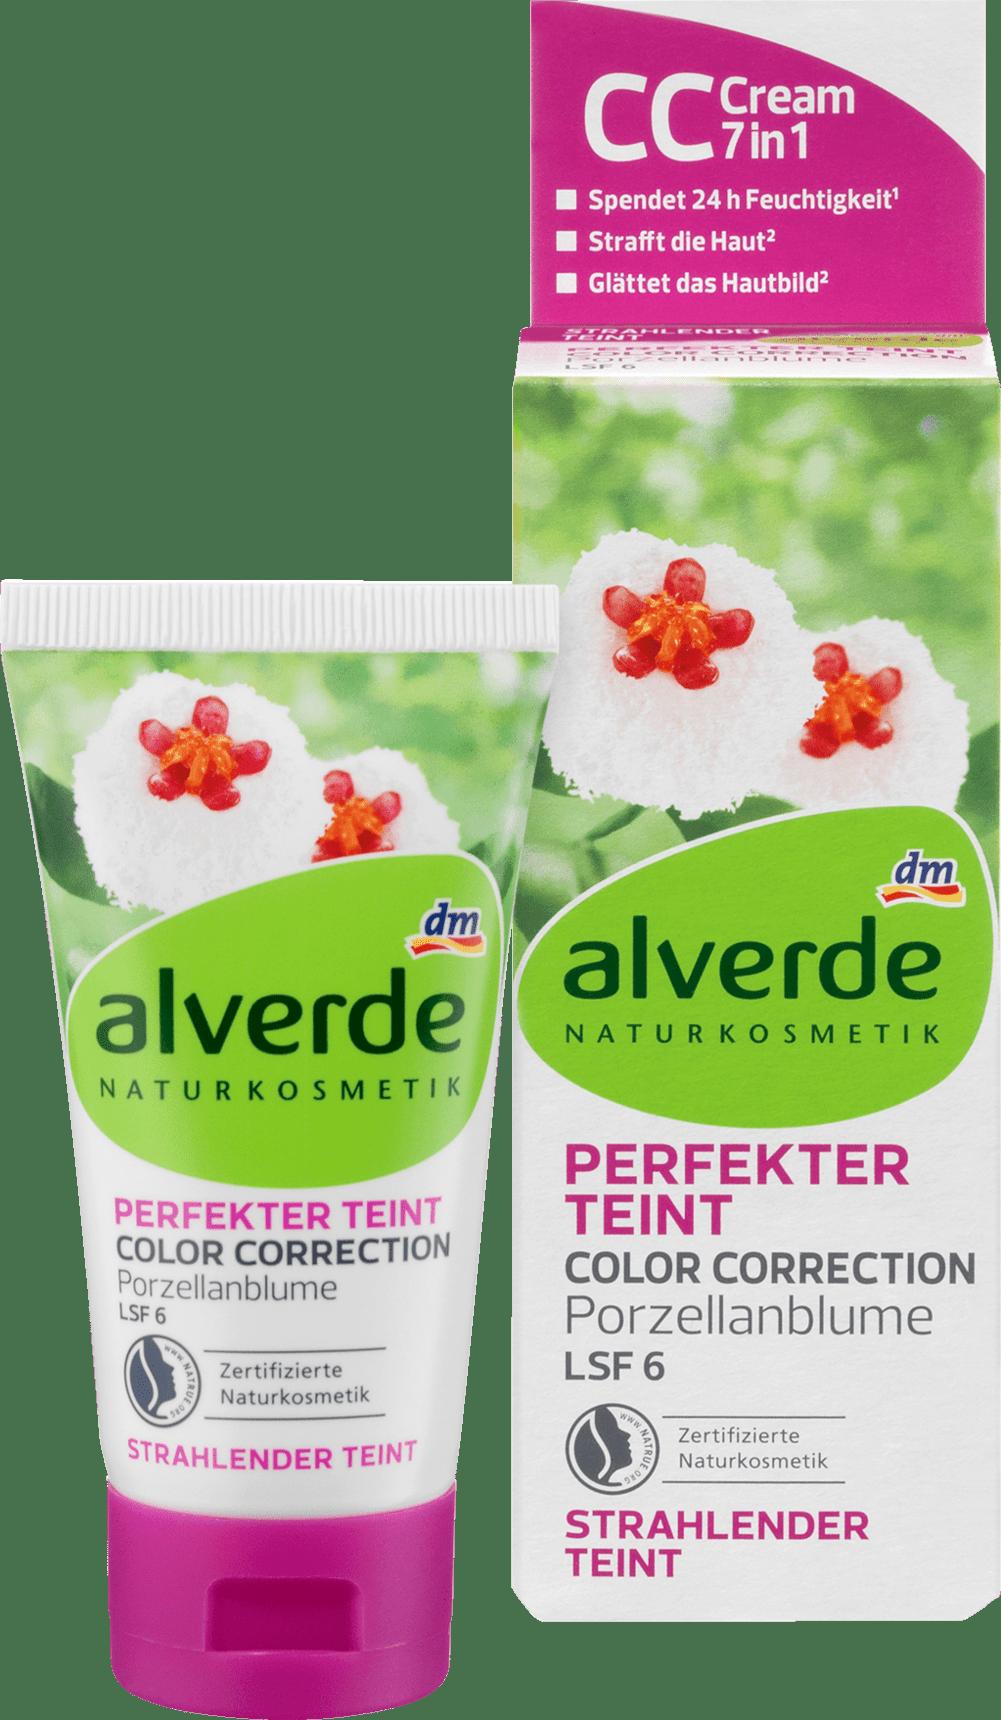 Alverde Crème de jour teintée Teint Parfait Fleur de Porcelaine Correction de la Couleur